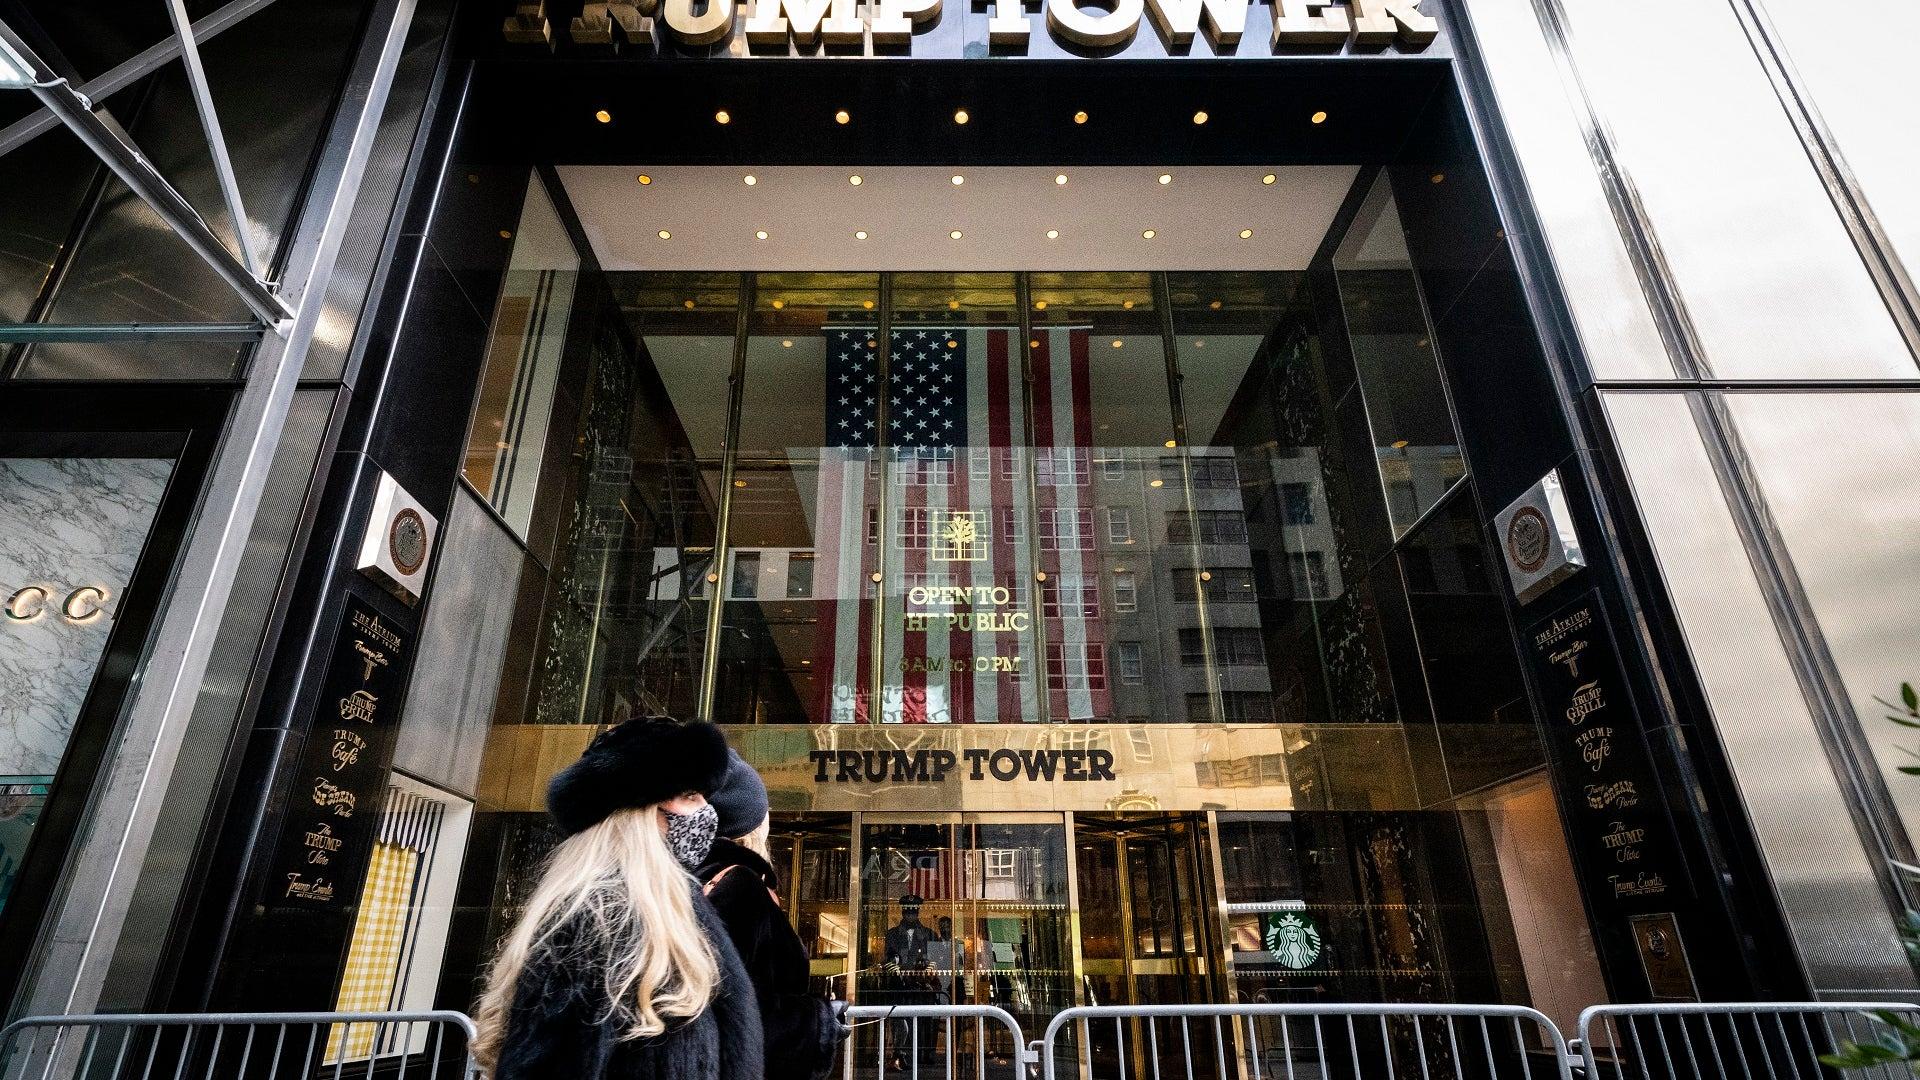 Cuộc điều tra Tập đoàn Trump được thúc đẩy sau thất bại của cựu Tổng thống Donald Trump trong kỳ bầu cử tháng 11/2020